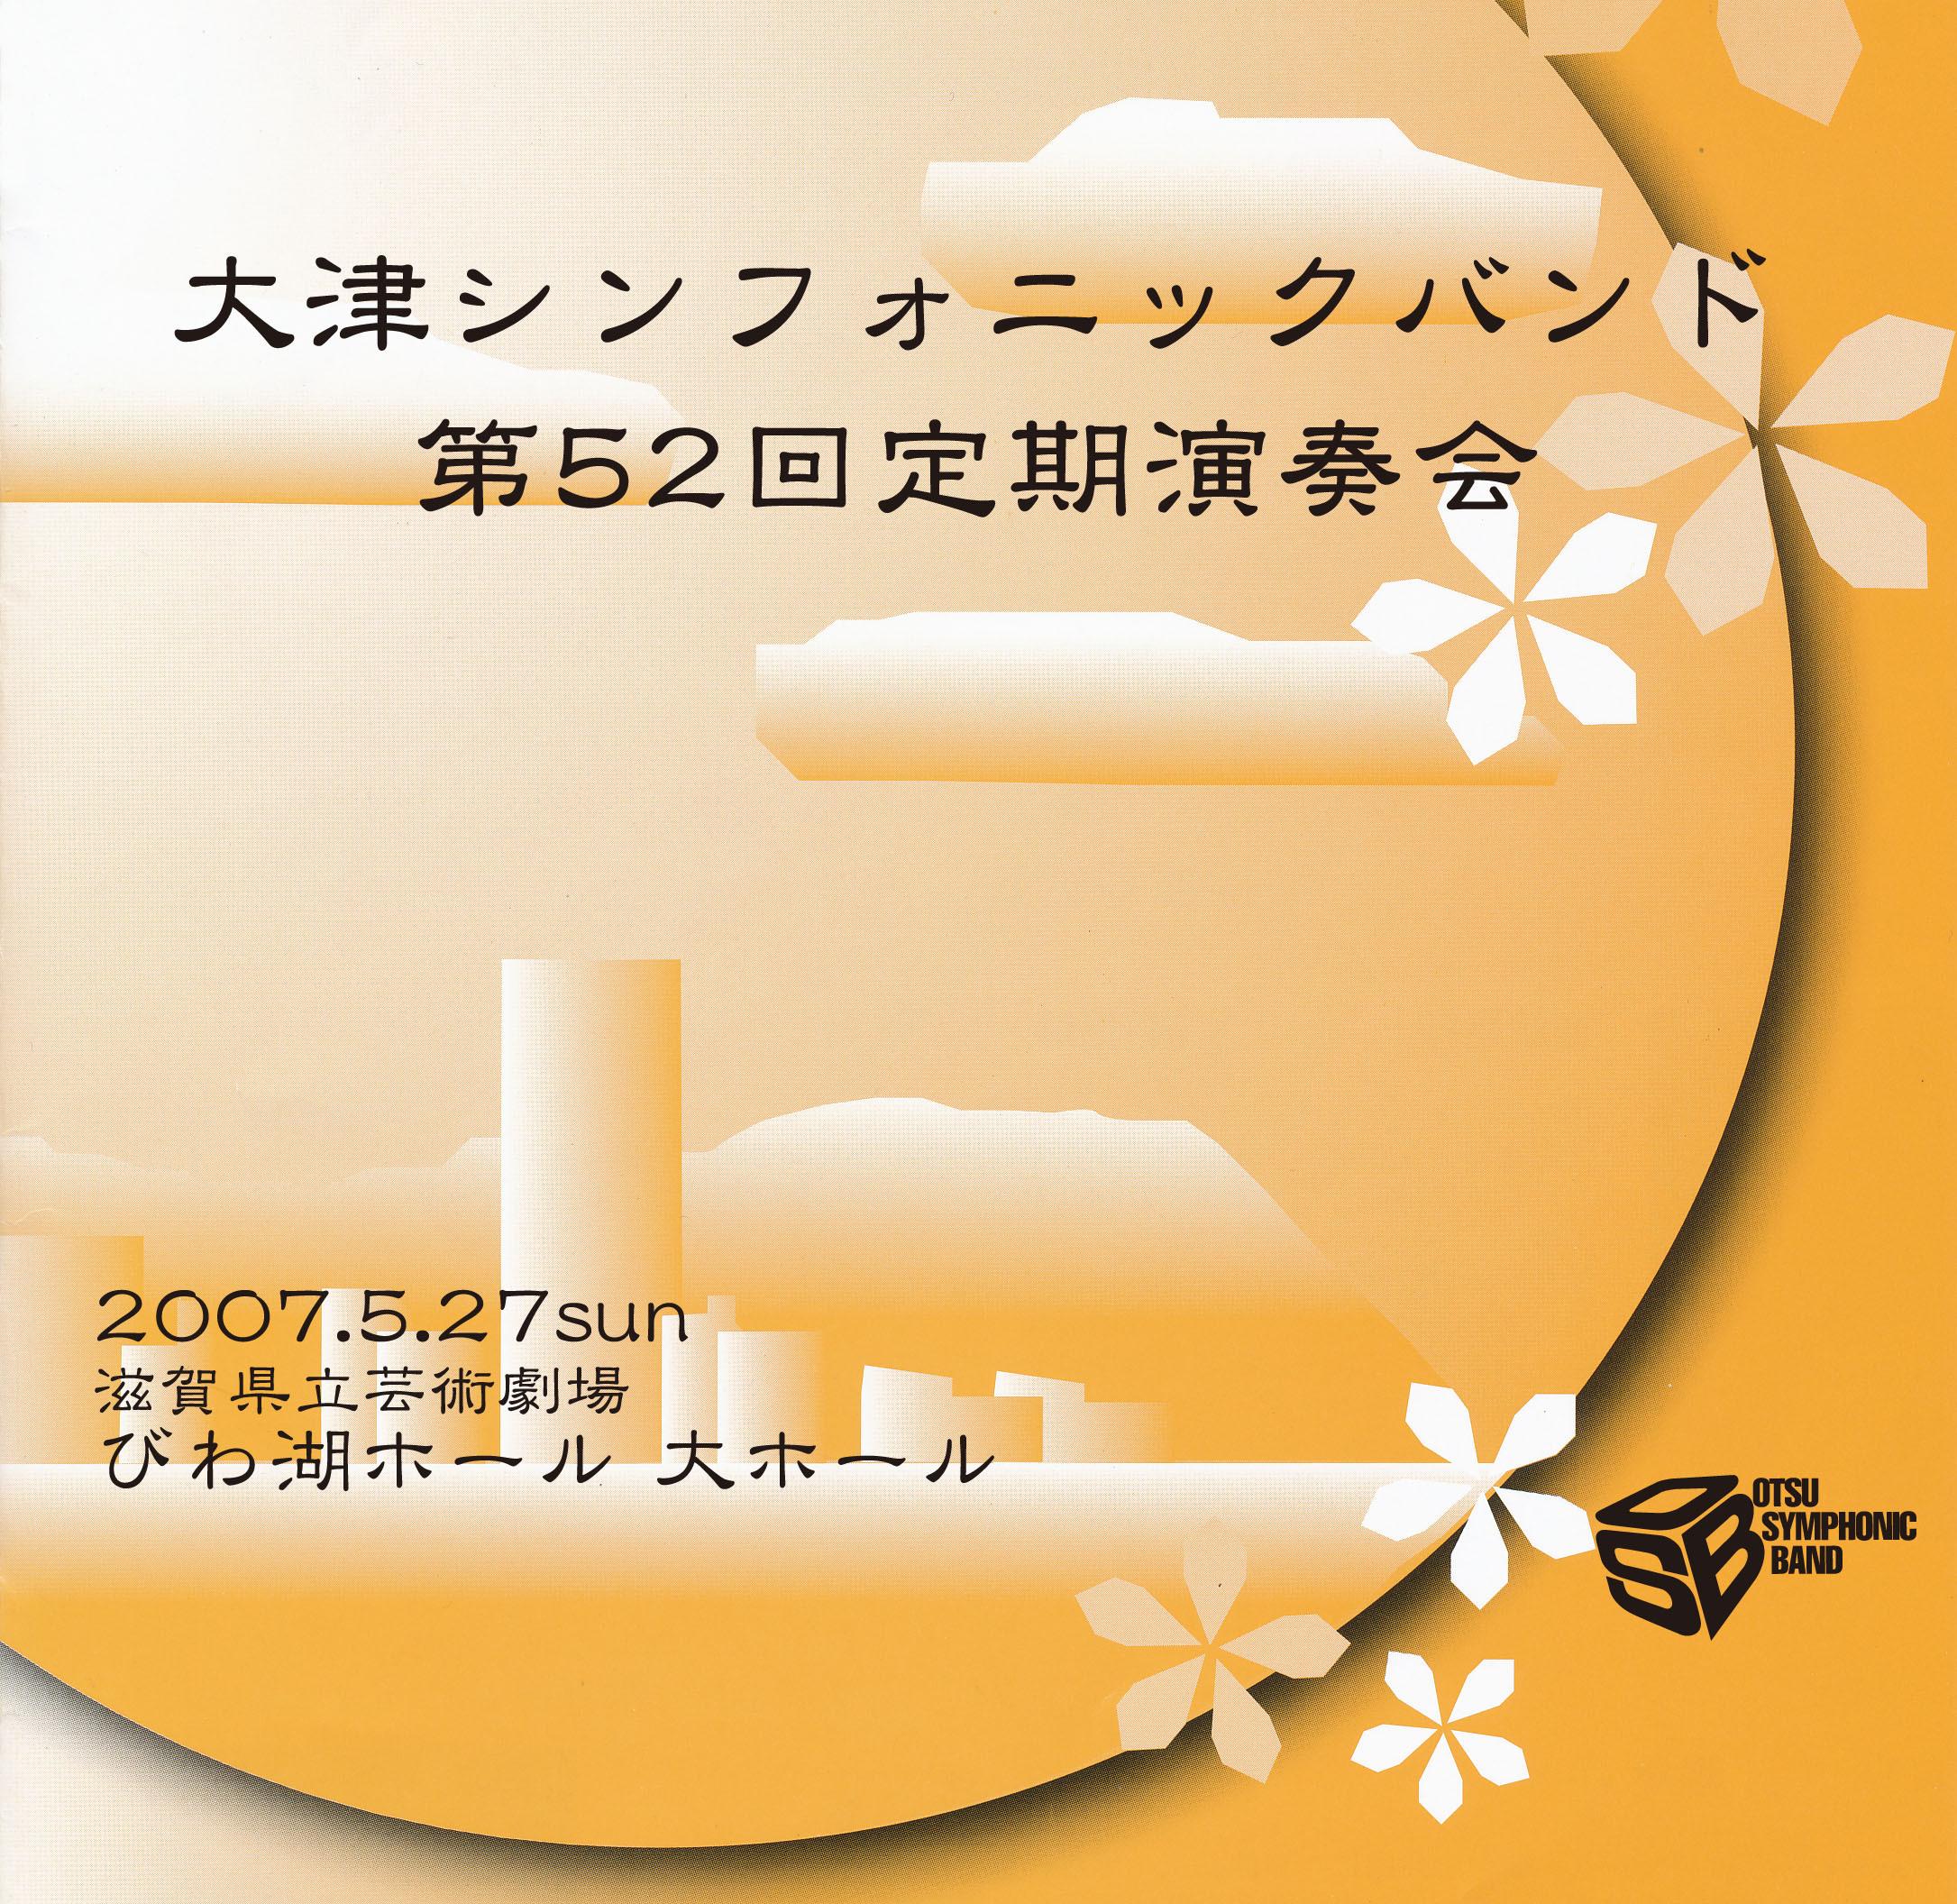 大津シンフォニックバンド 第52回定期演奏会[2007年5月27日]